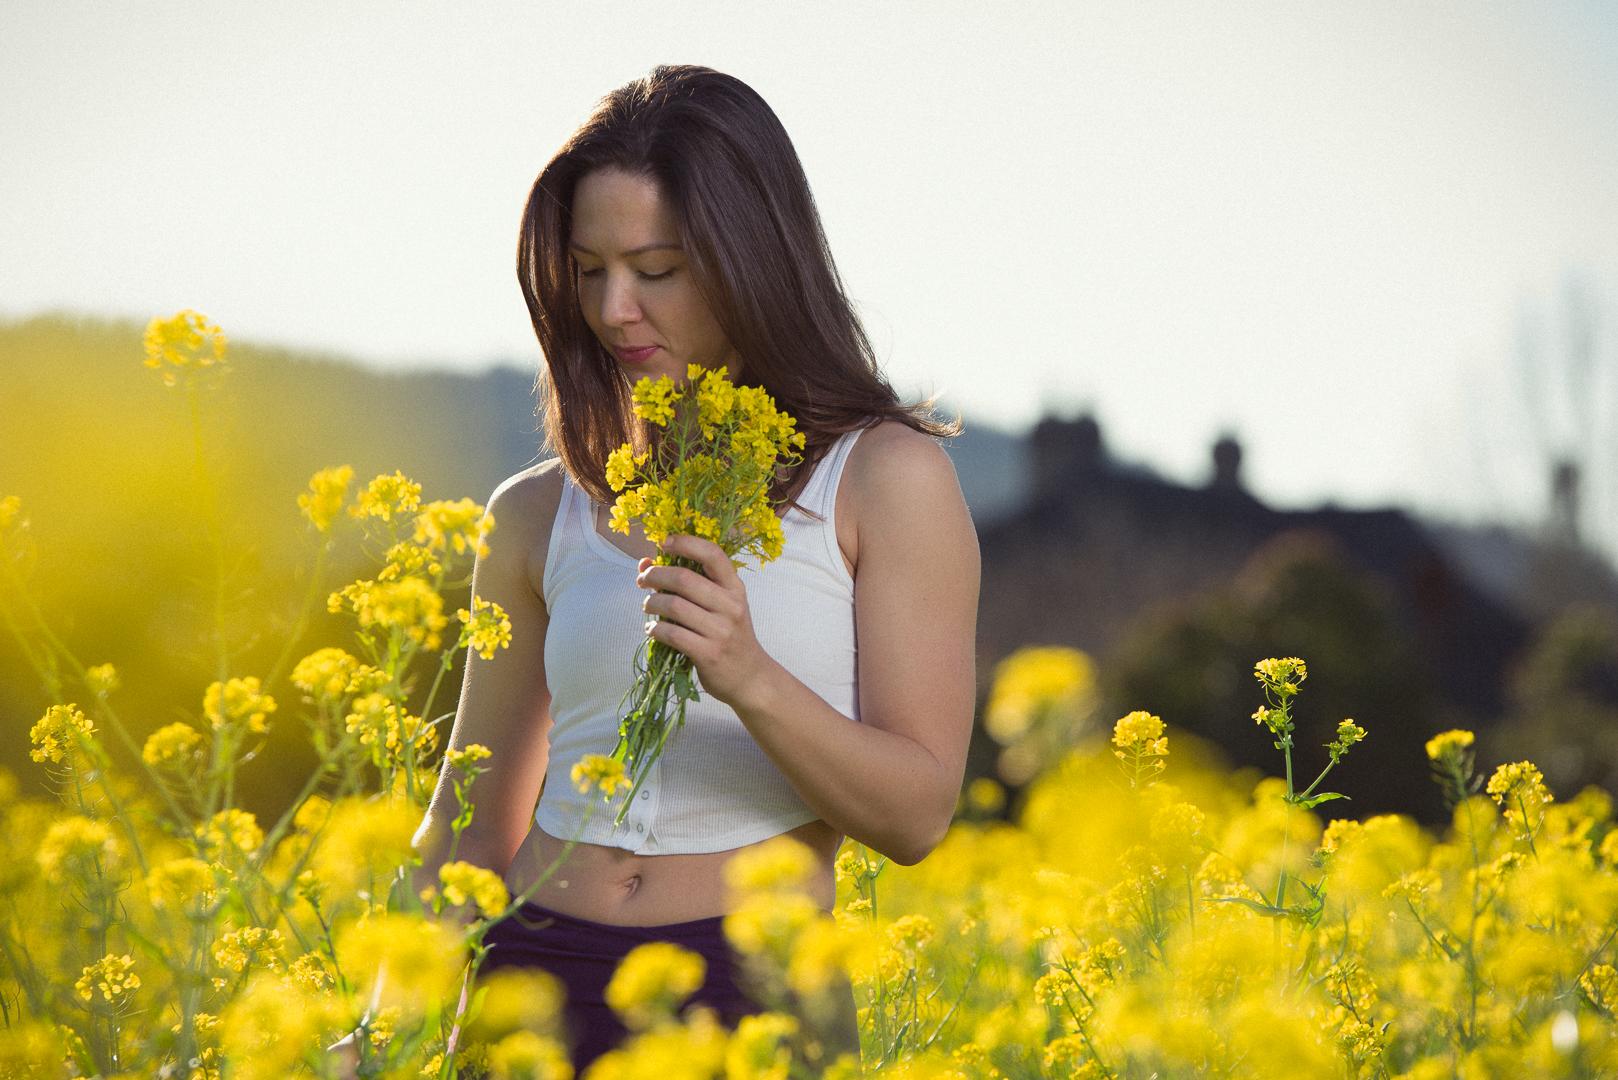 Anna_Mustard-18.jpg